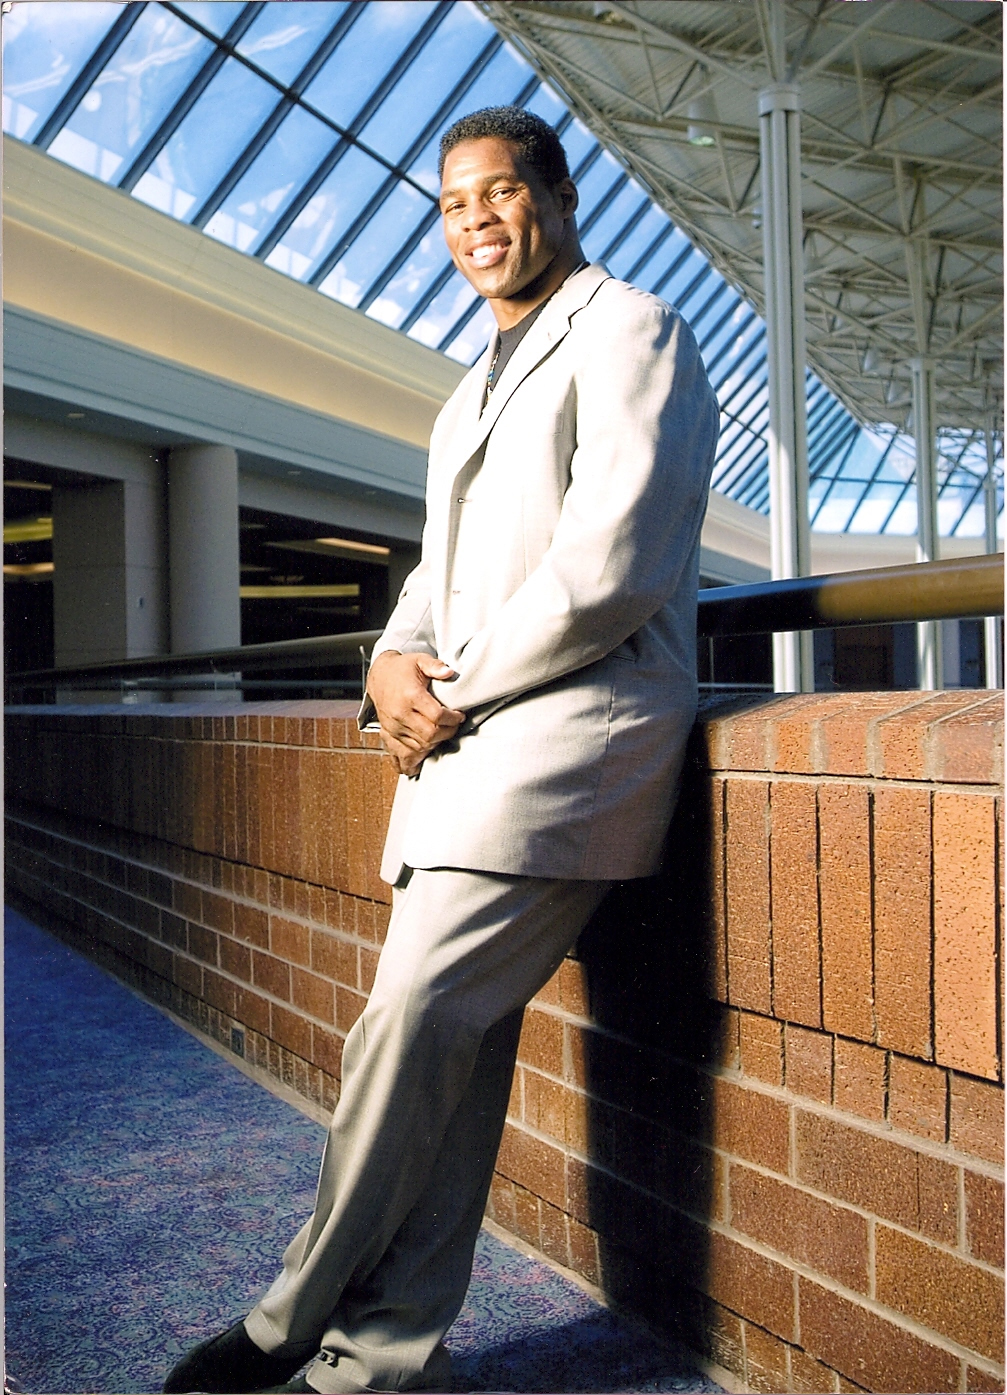 Walker_Herschel in suit